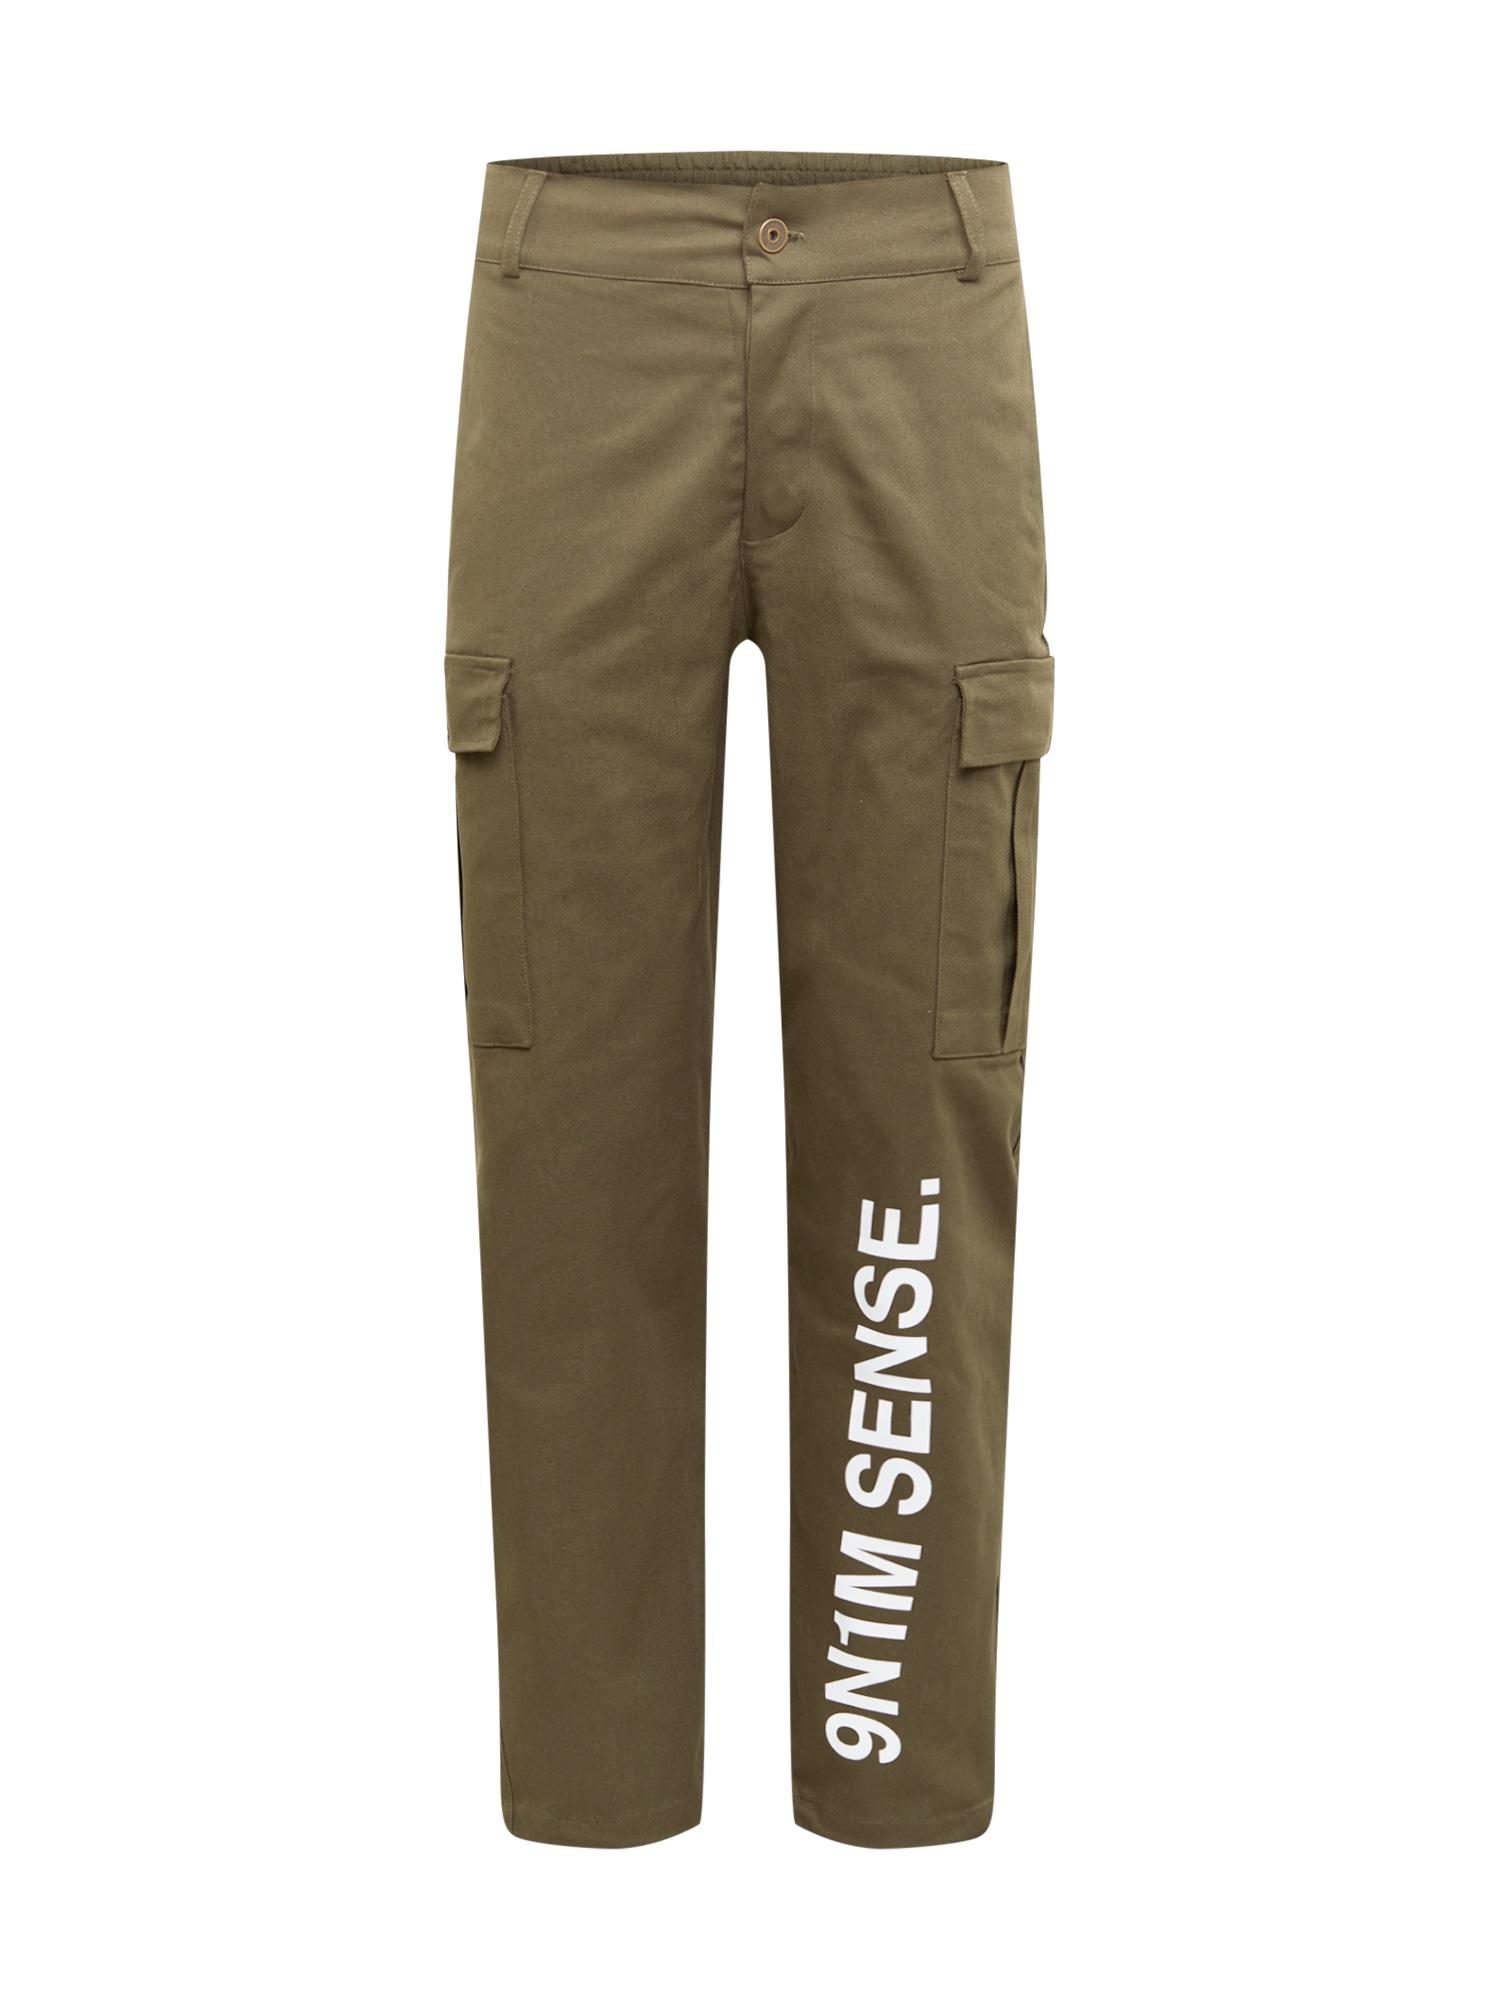 9N1M SENSE Laisvo stiliaus kelnės